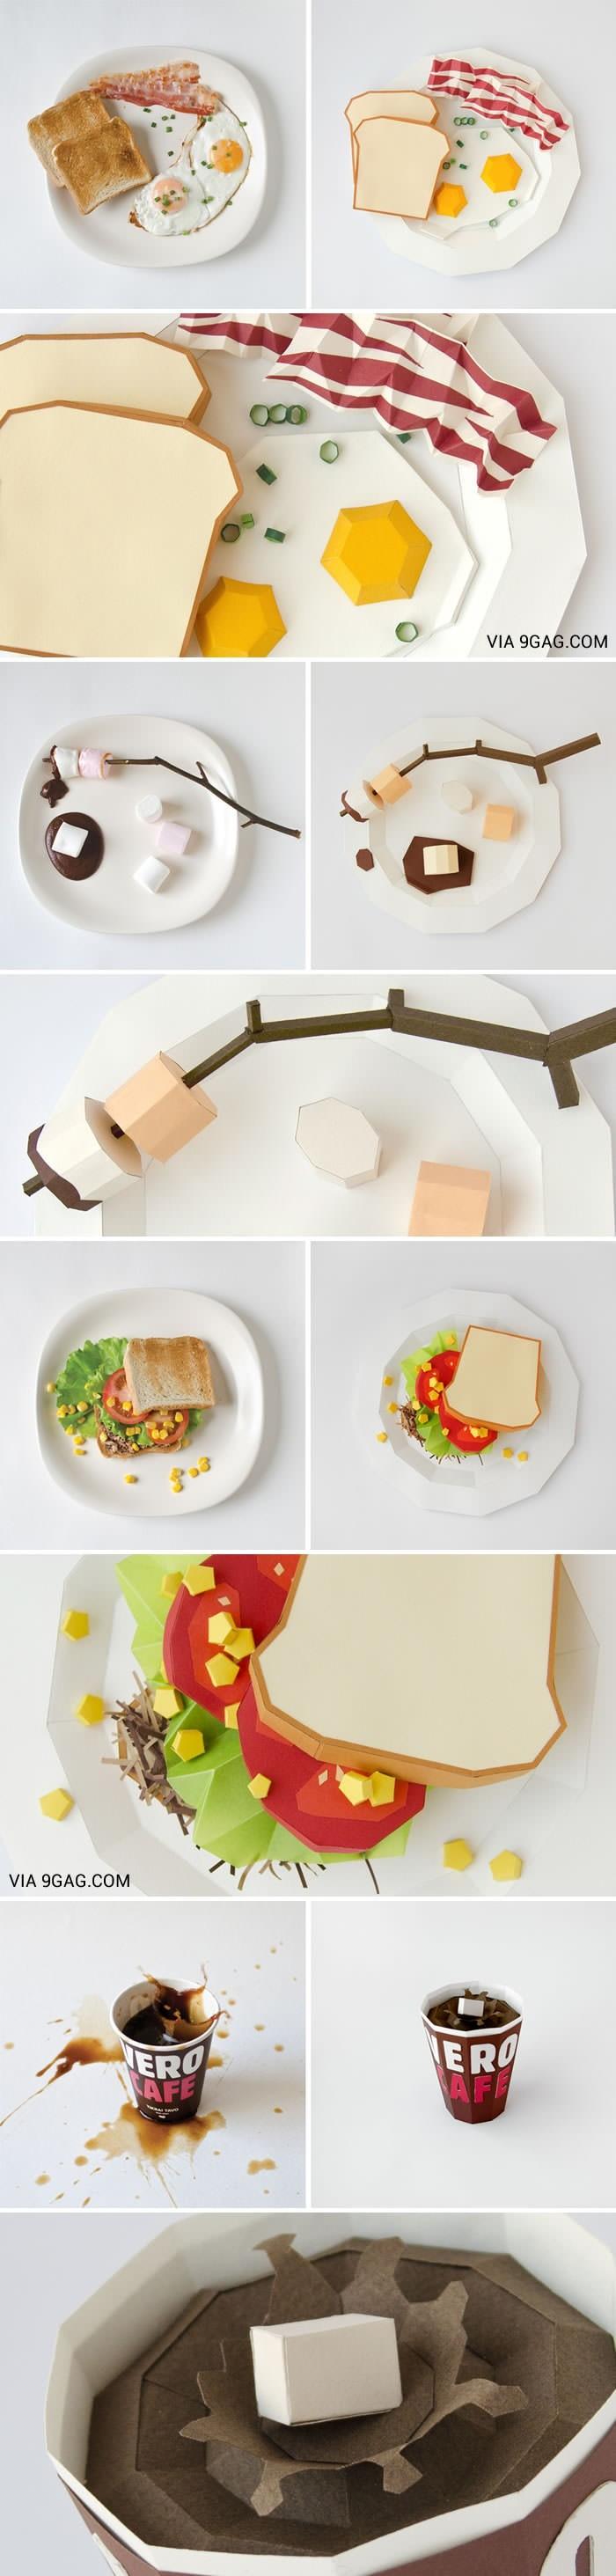 Food Papercraft Paper Art Food & Art Pinterest